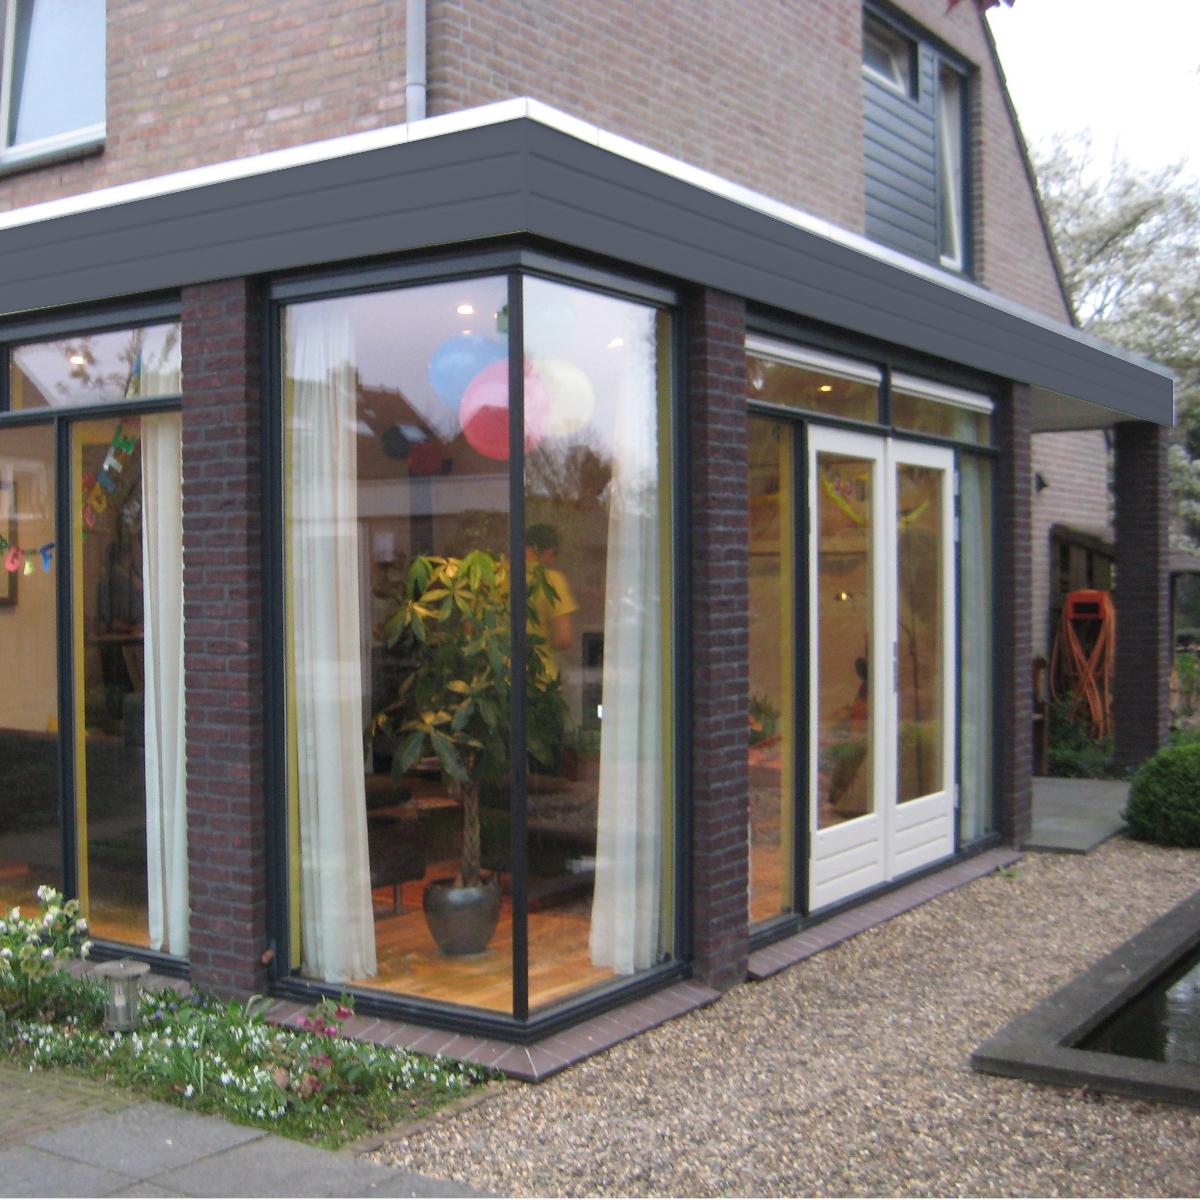 Uitbreiding udenhout 1 studio slotboom - Uitbreiding huis glas ...